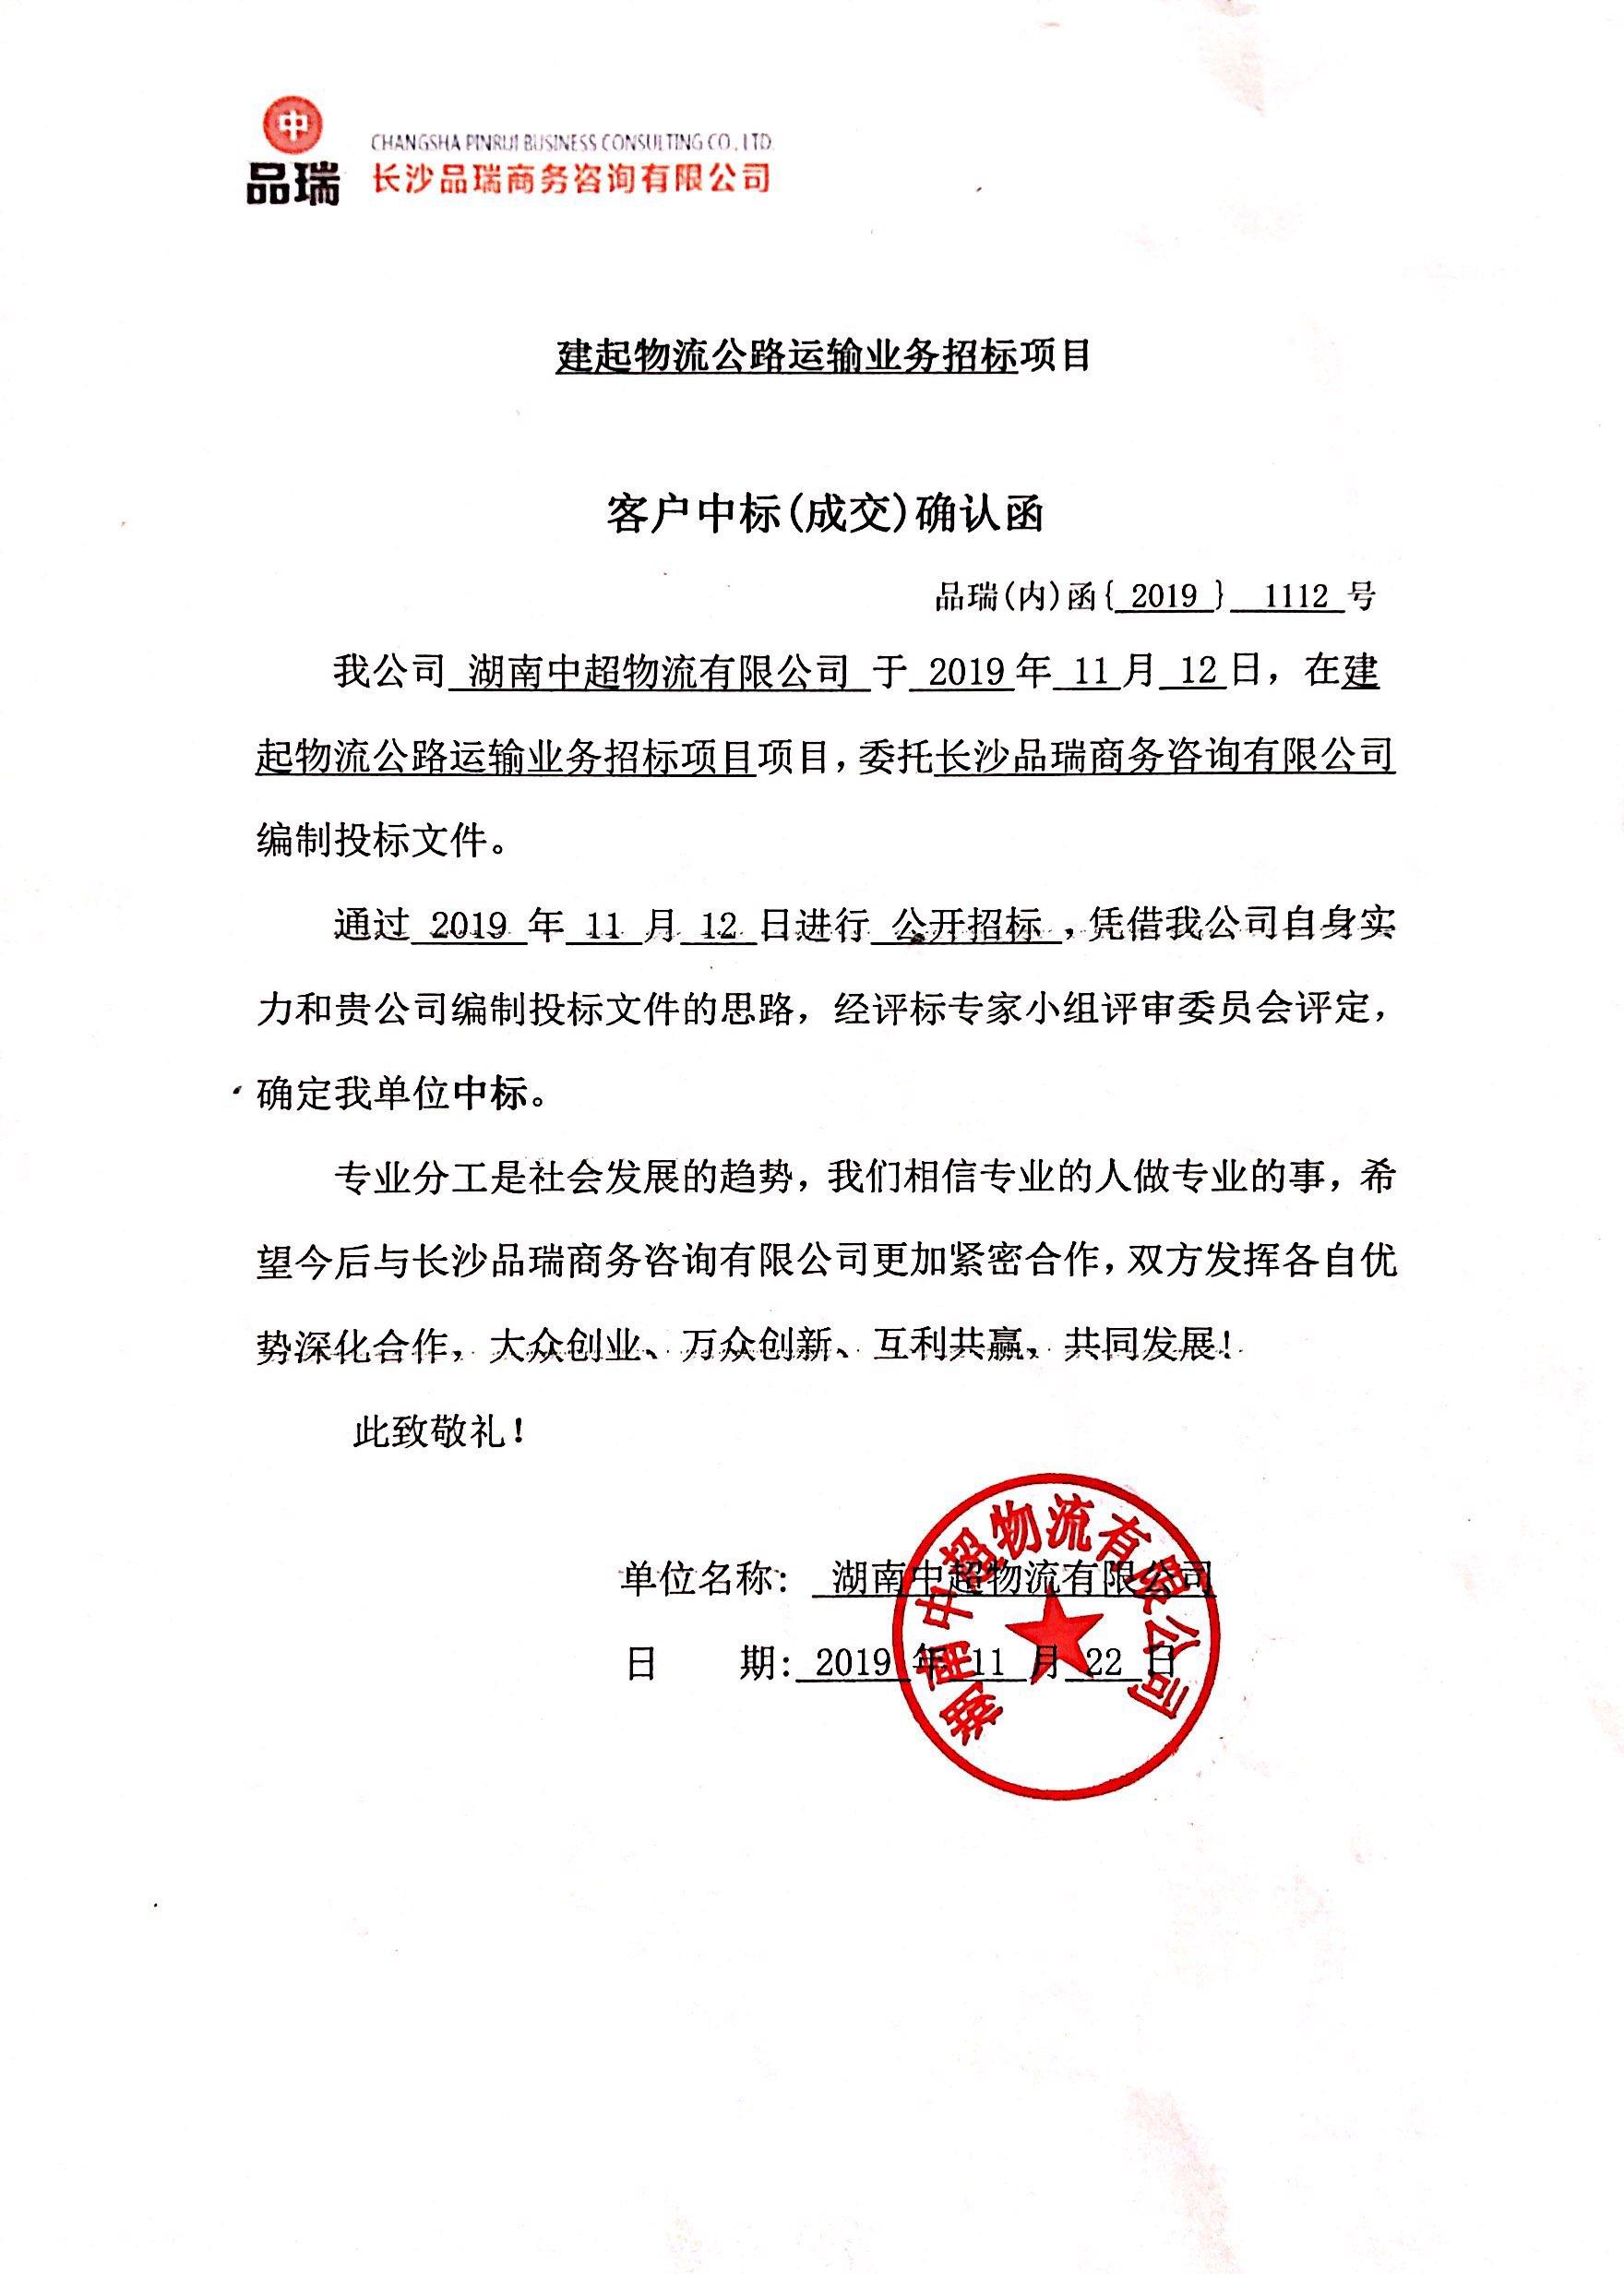 湖南中超物流有限公司